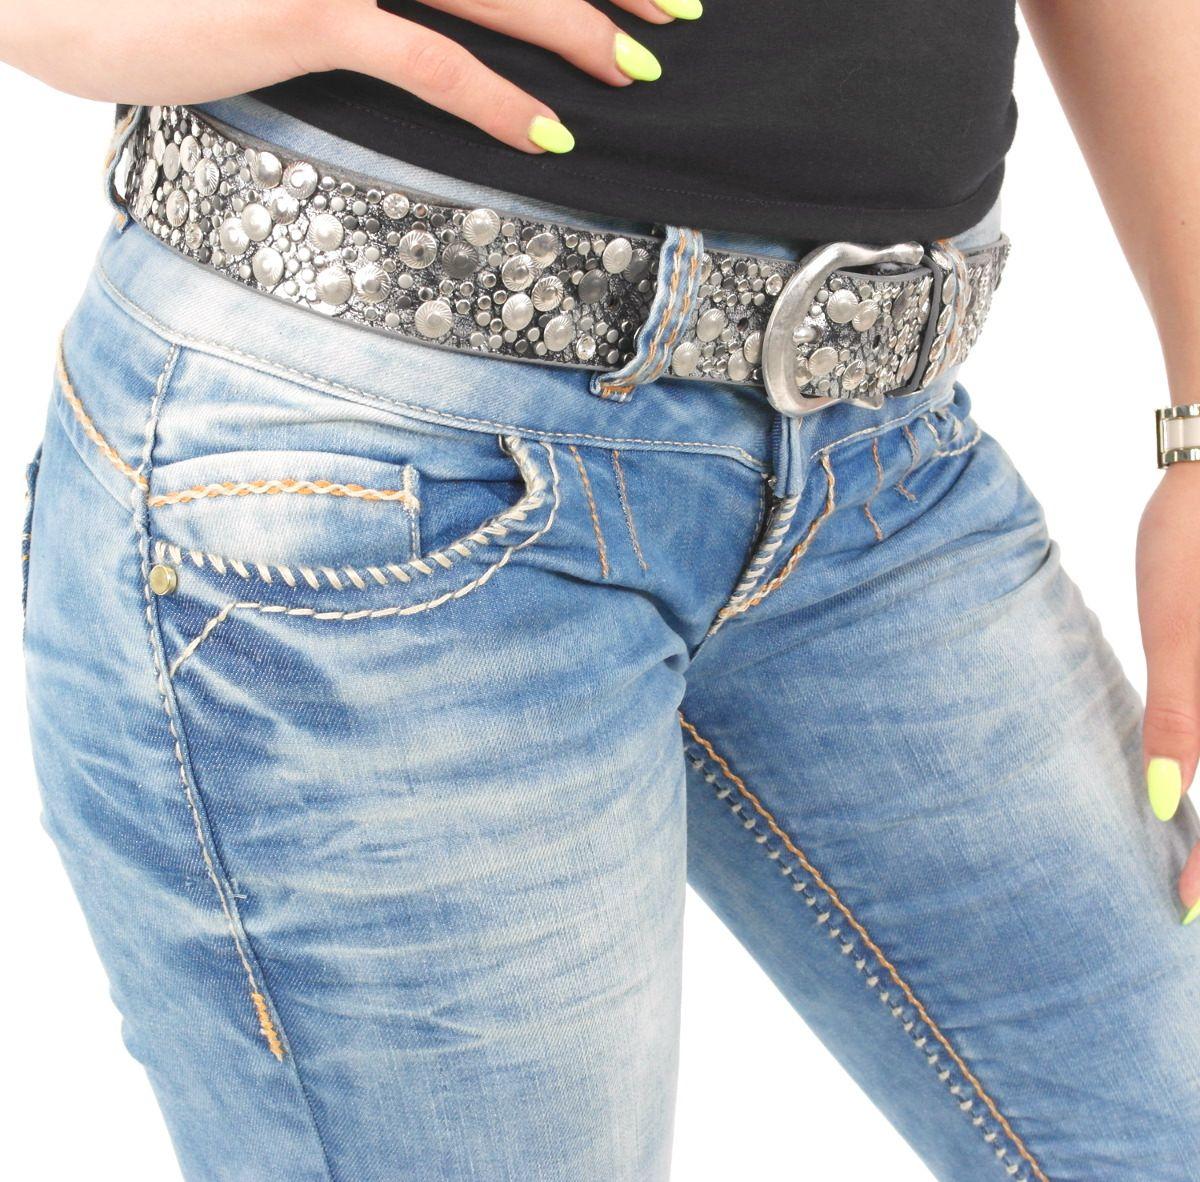 d128b7f641d5 Schöne Jeans bei Stylefabrik Fashion für Frauen im Slim Fit Schnitt der  Marke Cipo   Baxx